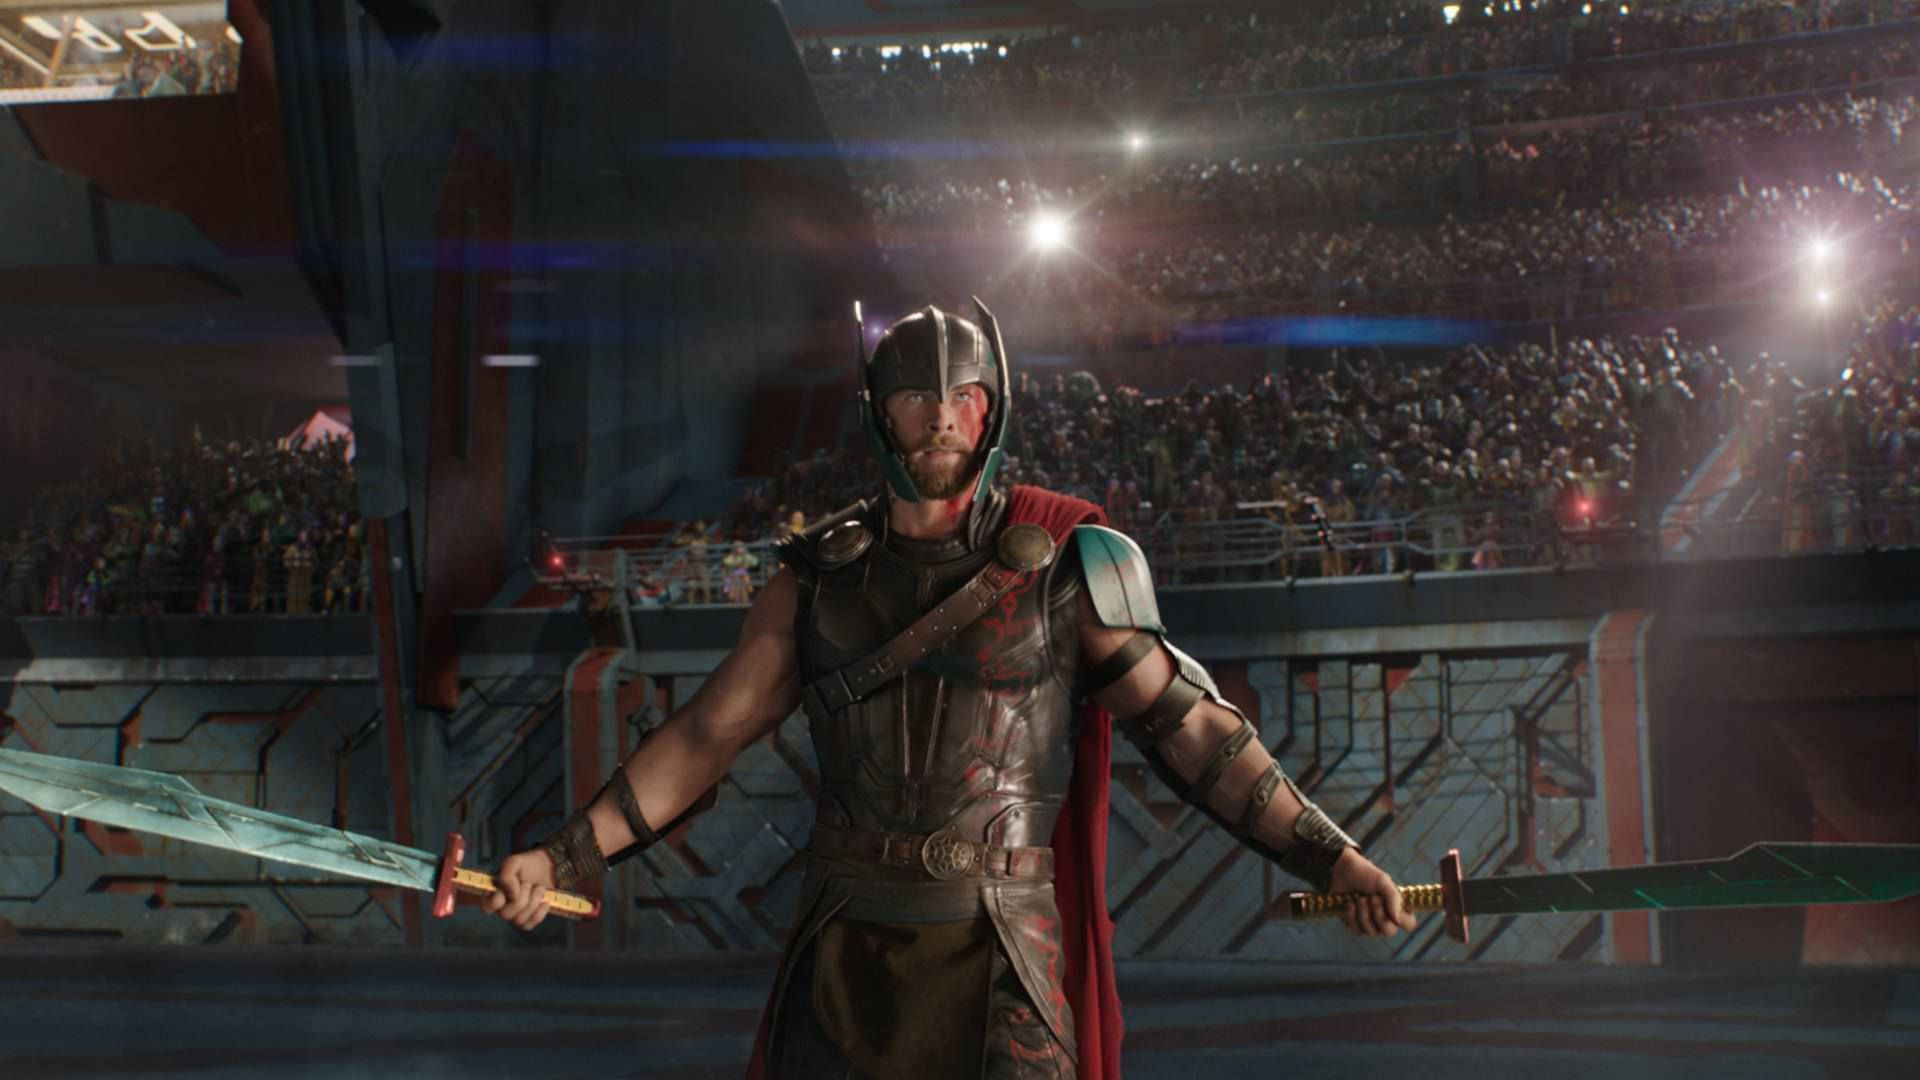 کریس همسورث زمان شروع فیلمبرداری فیلم Thor: Love and Thunder را تایید کرد